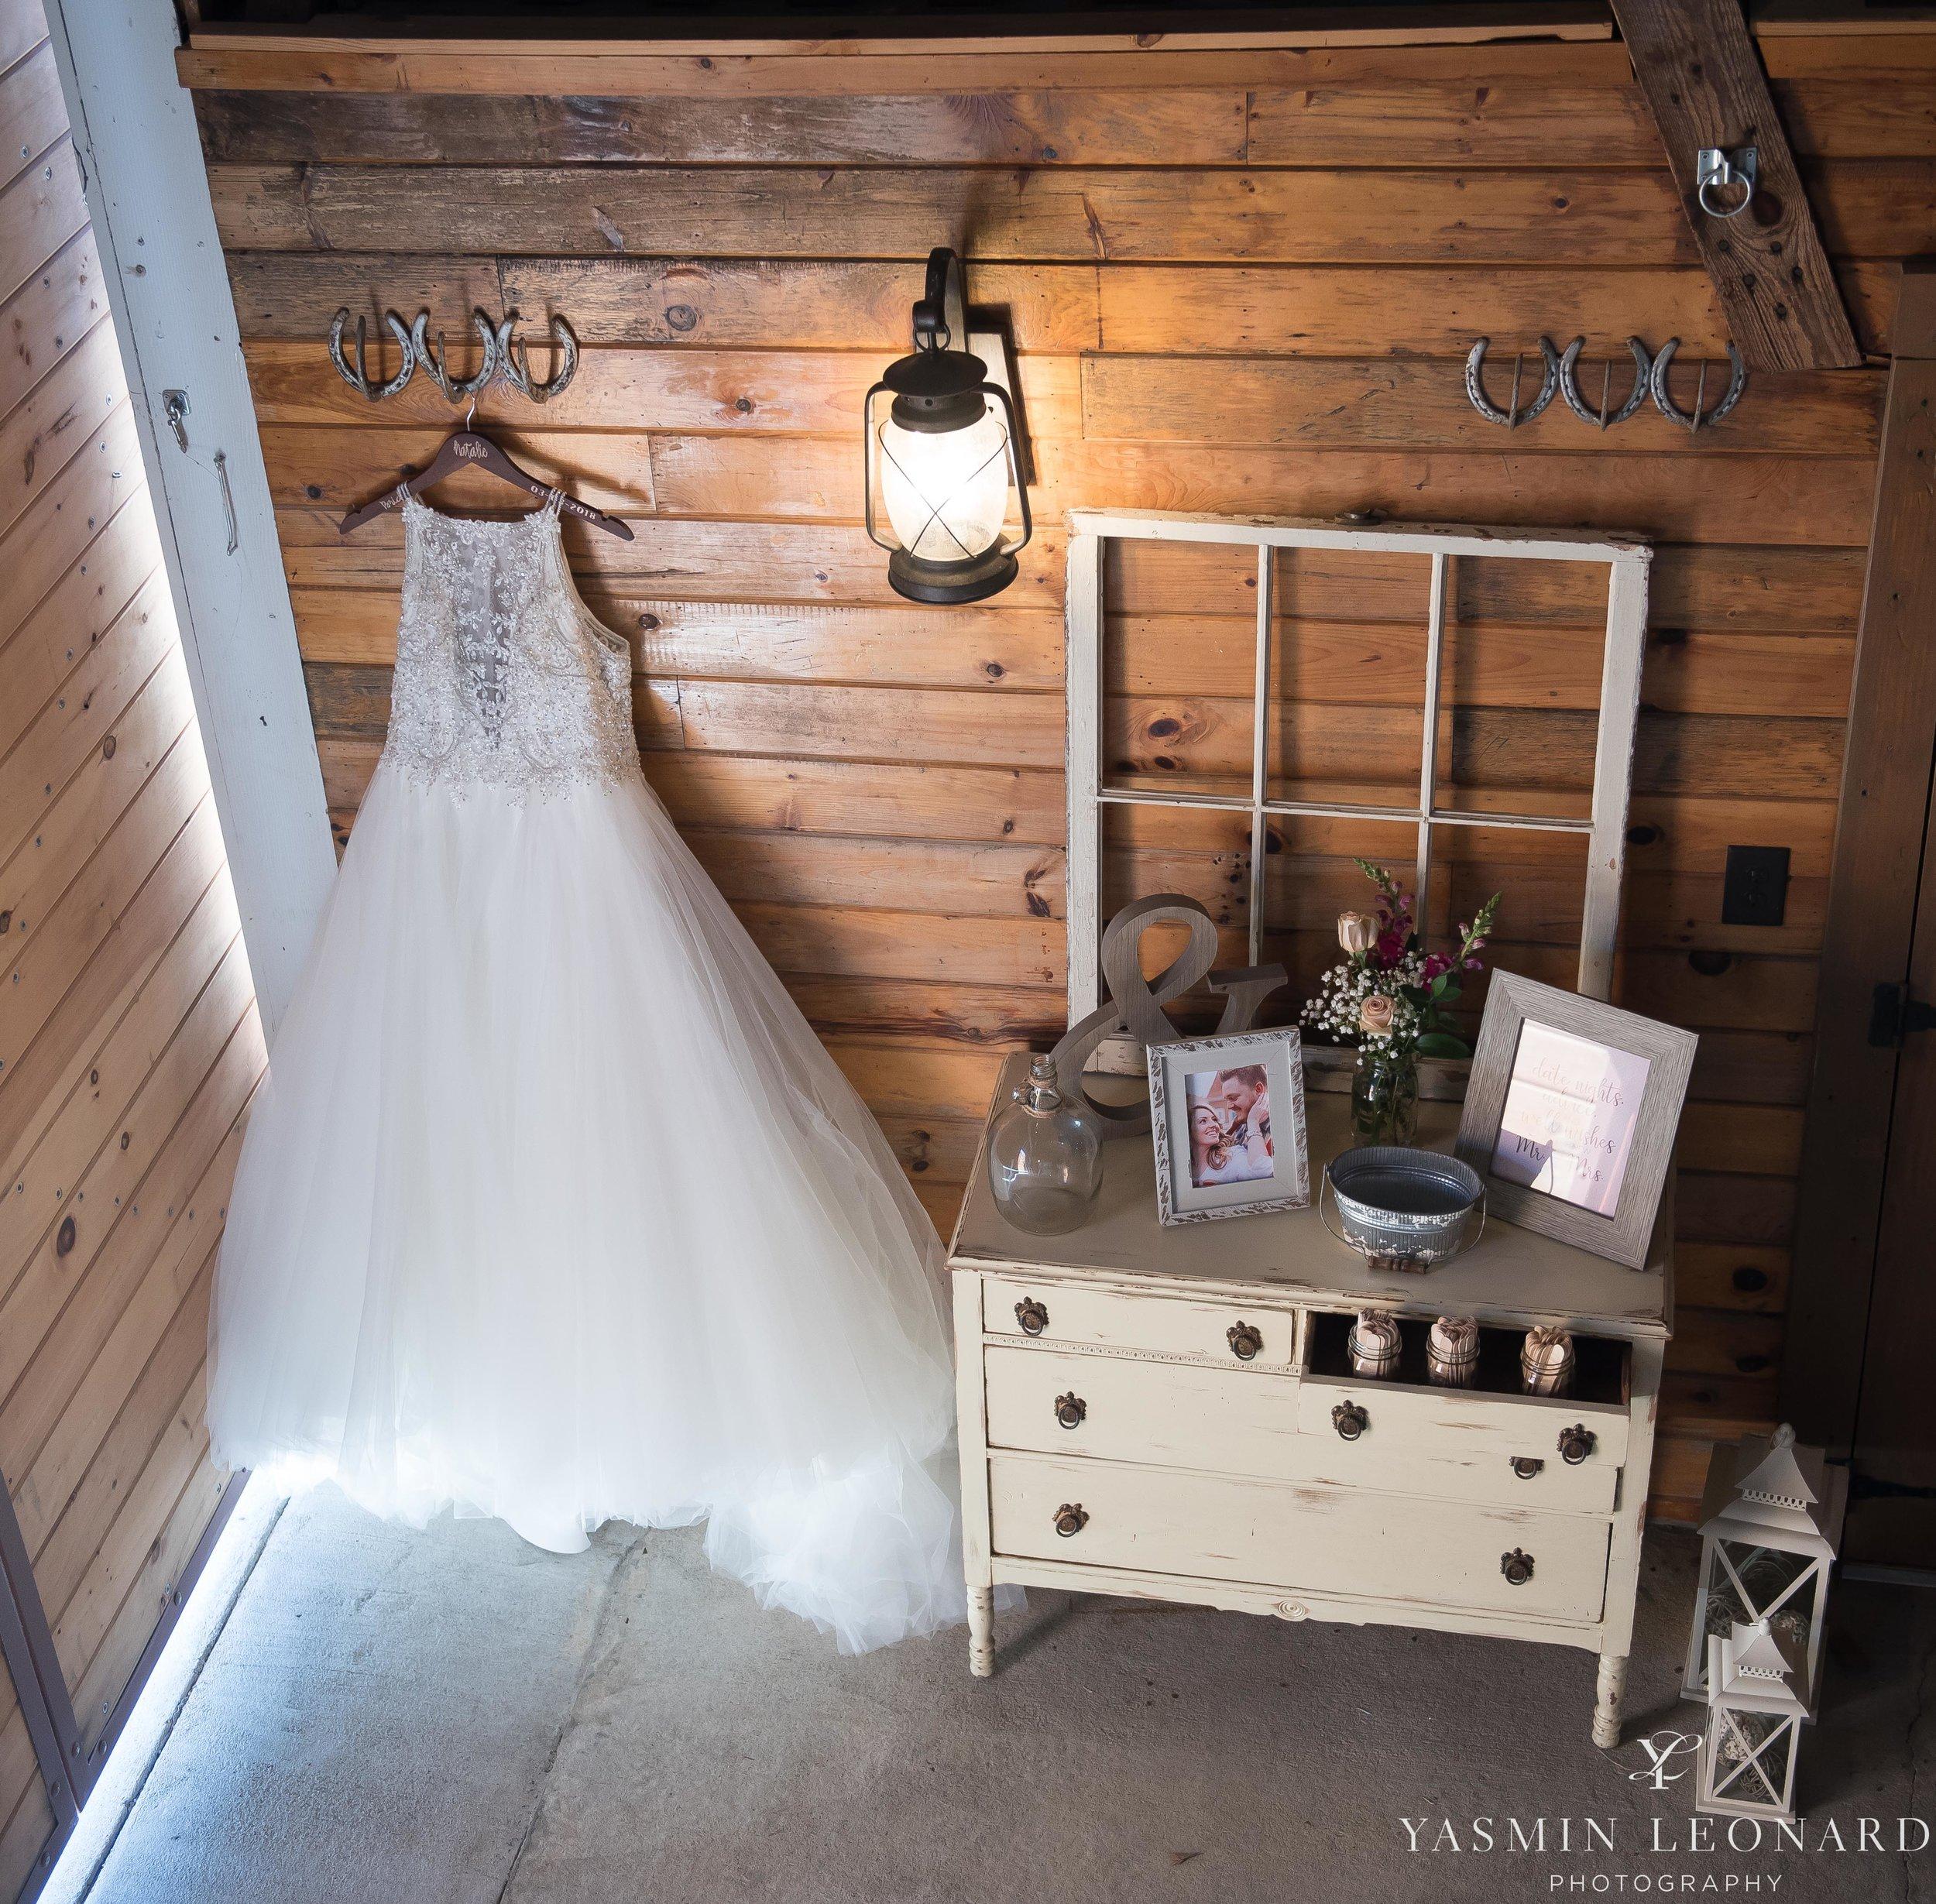 Millikan Farms - Millikan Farms Wedding - Sophia NC Wedding - NC Wedding - NC Wedding Photographer - Yasmin Leonard Photography - High Point Photographer - Barn Wedding - Wedding Venues in NC - Triad Wedding Photographer-3.jpg